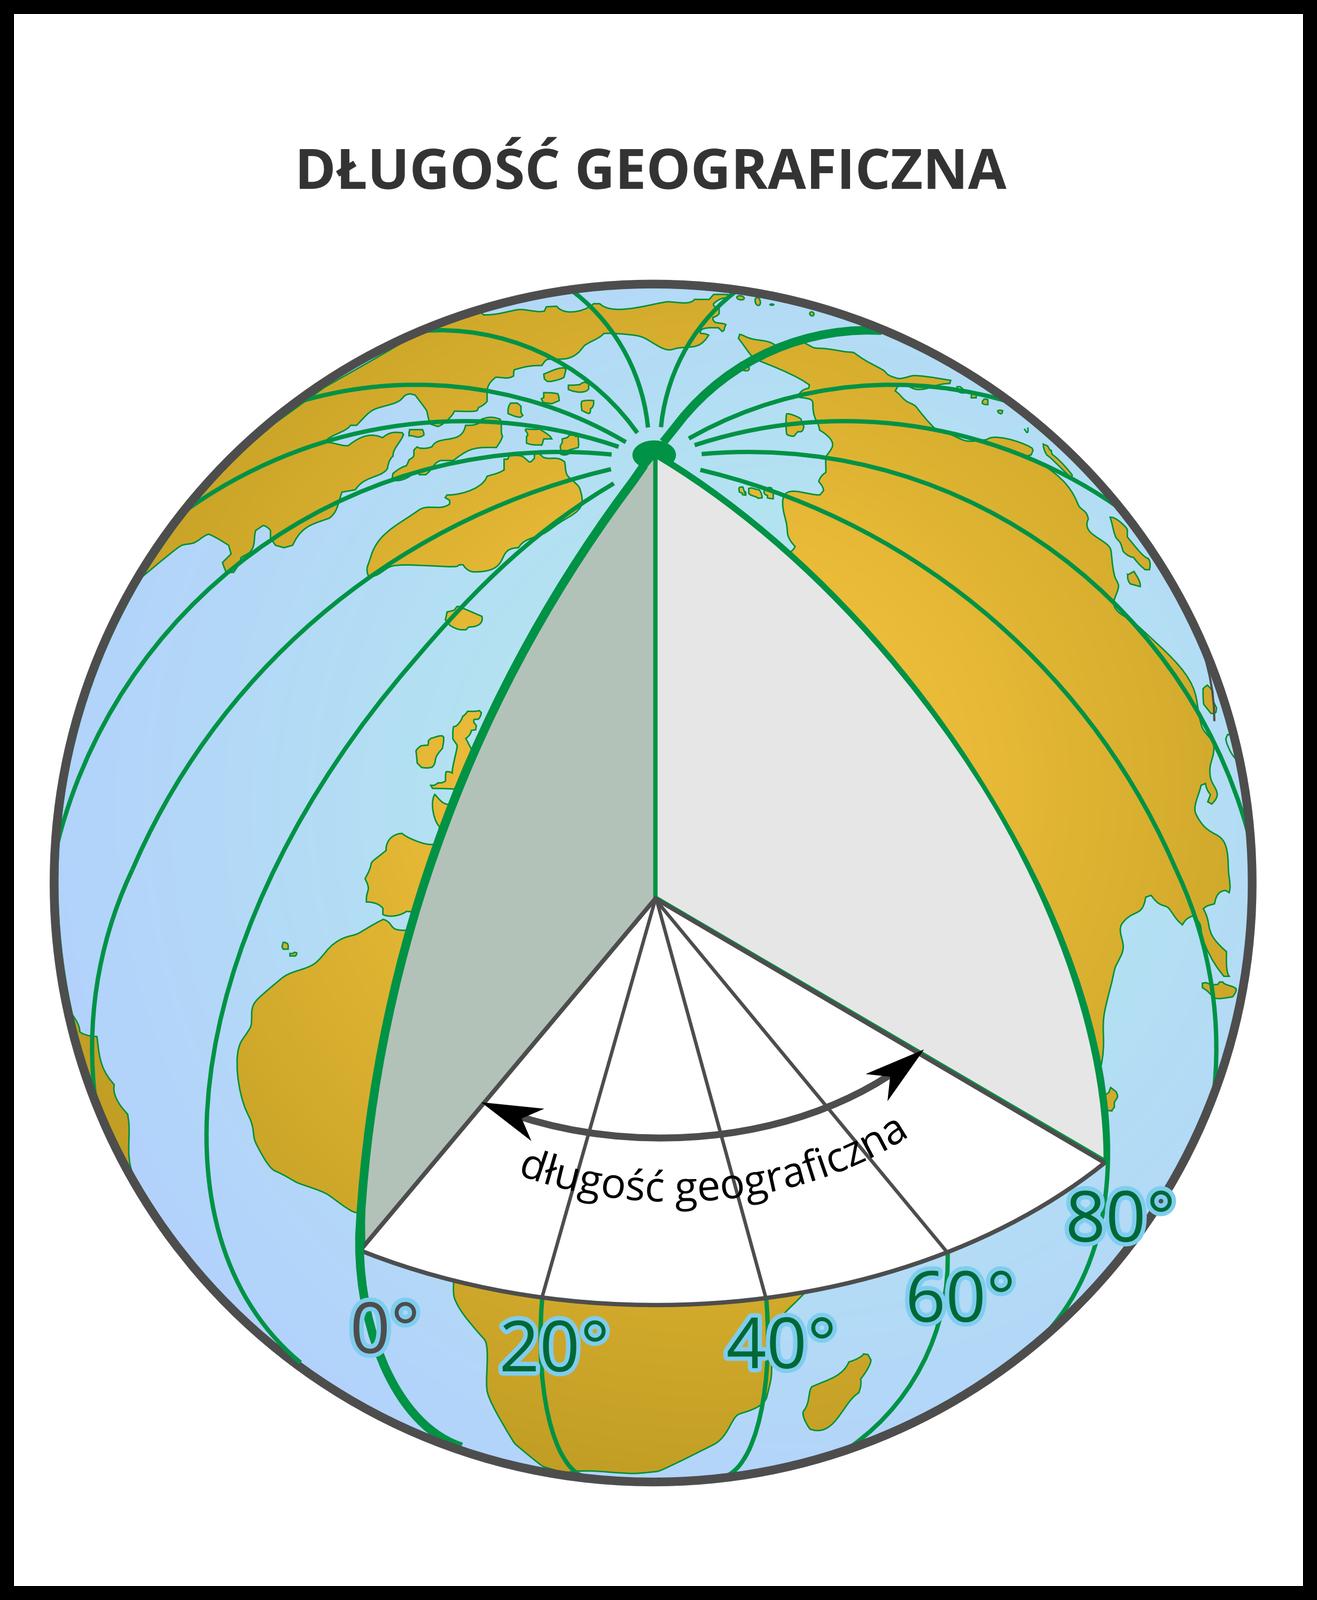 Ilustracja przedstawia kulę ziemską. Ilustracja przedstawia sposób określania długości geograficznej. Wsposób trójwymiarowy przedstawiony jest kąt pomiędzy południkami. Południki zero iosiemdziesiąt stopni to płaszczyzny pomiędzy którymi zaznaczony jest kąt. Od płaszczyzny południka zero narysowana jest strzałka wprawo iwlewo. Strzałka to czarna pozioma linia wygięta wkształcie łuku.